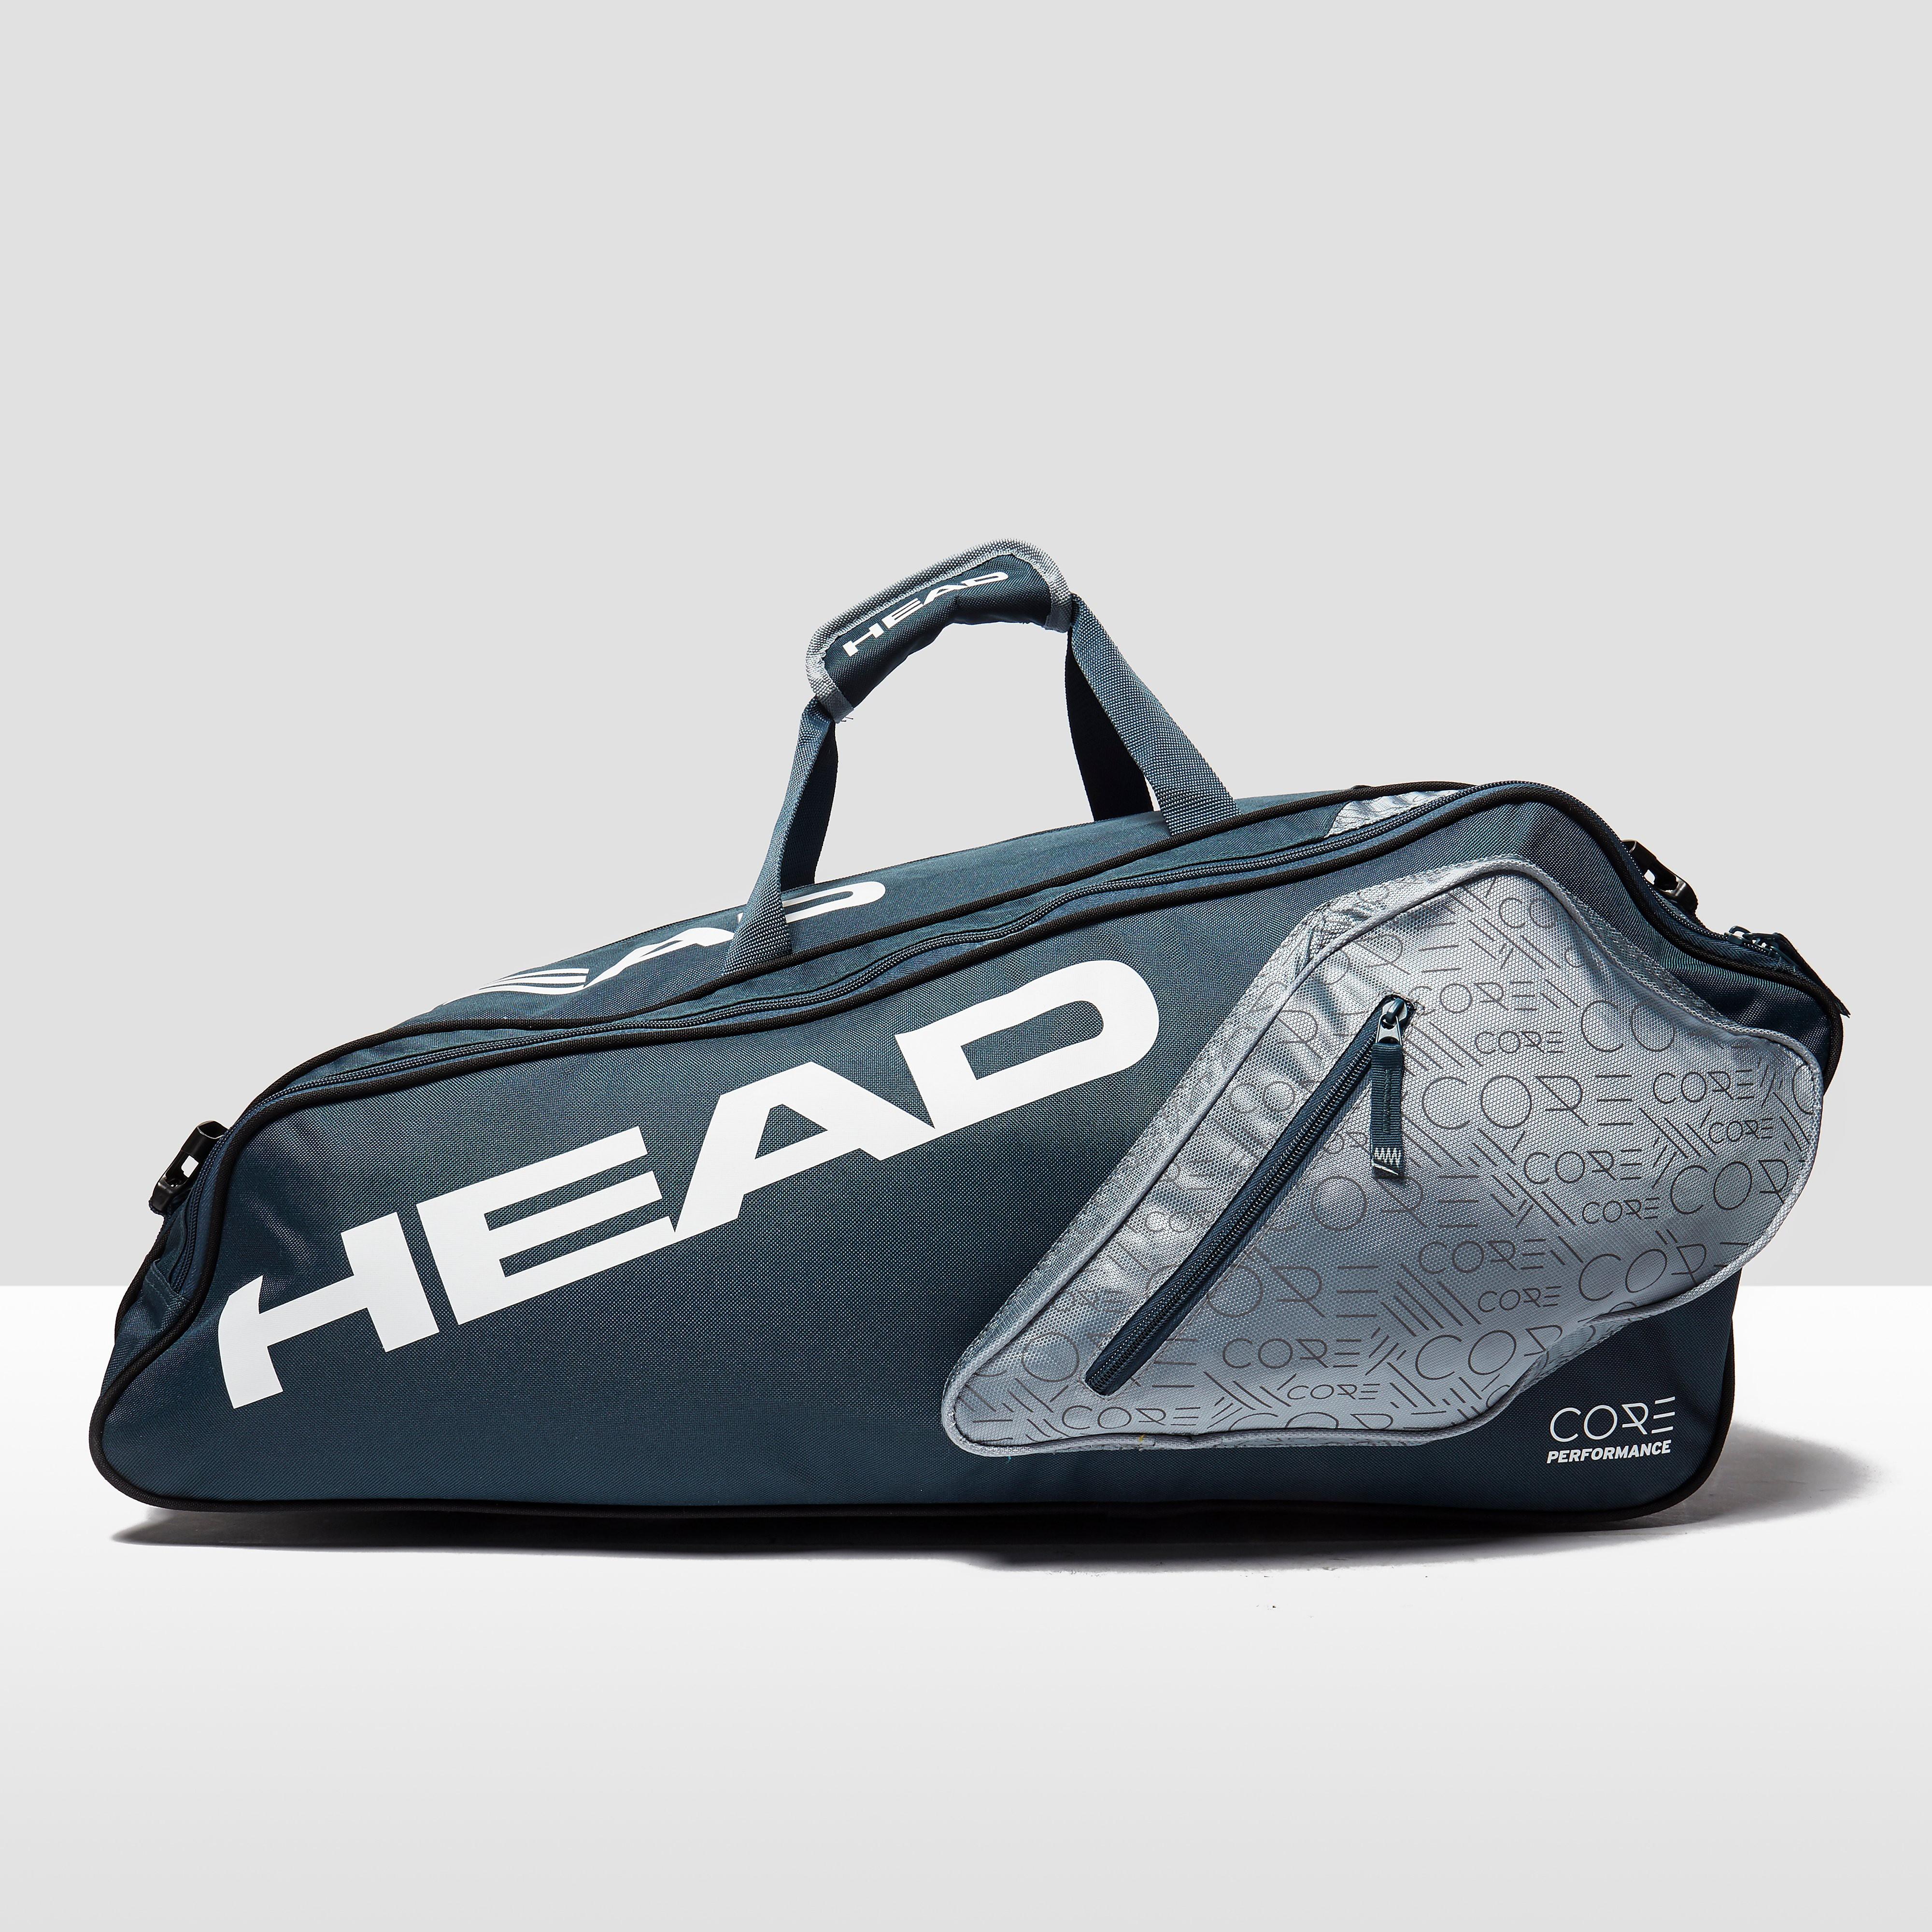 Head Core 9R Supercombi Racketbag